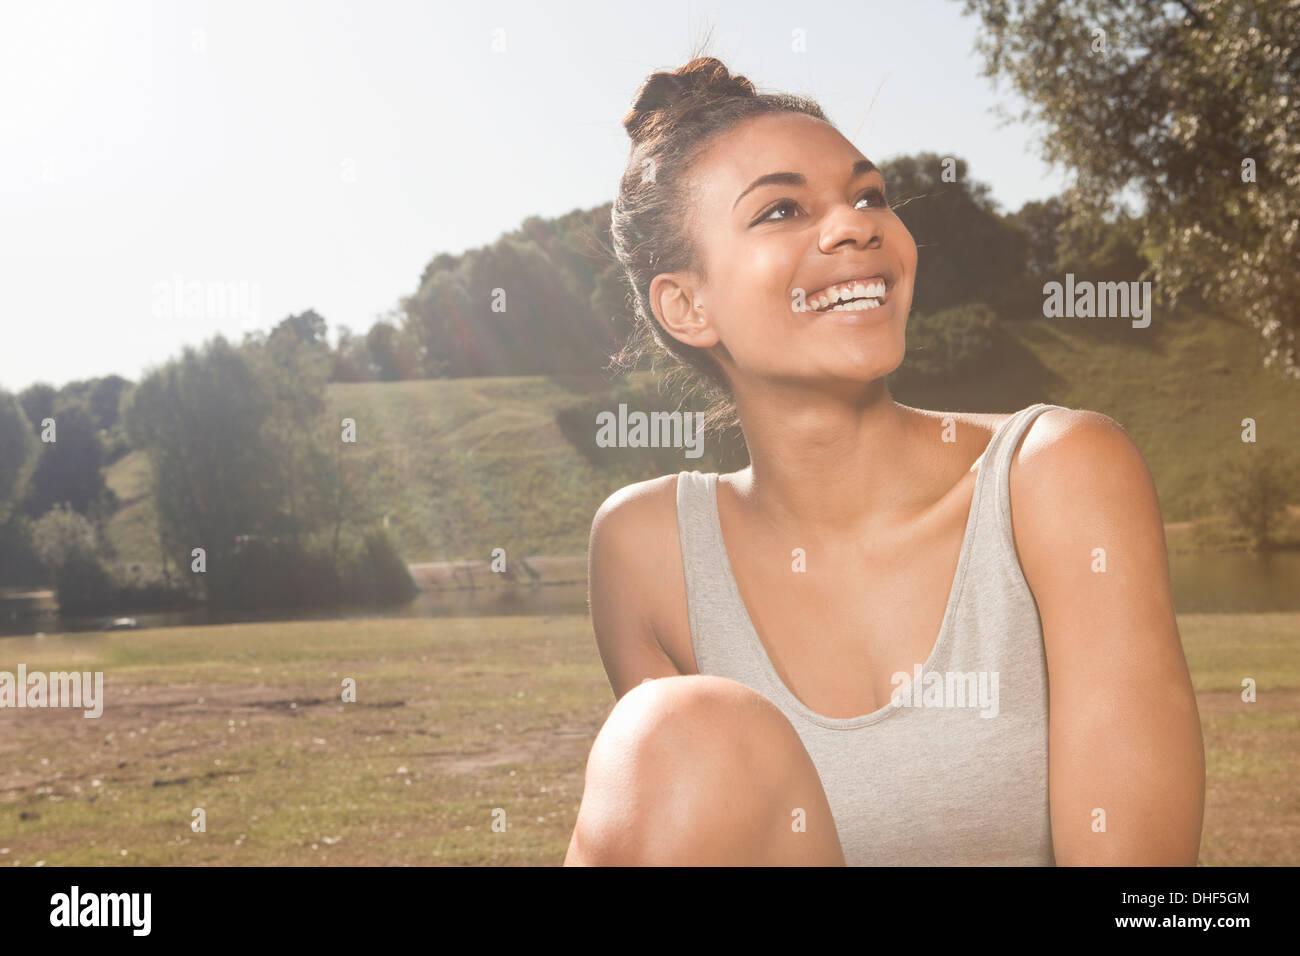 Jeune femme heureuse dans la lumière du soleil dans un parc Photo Stock